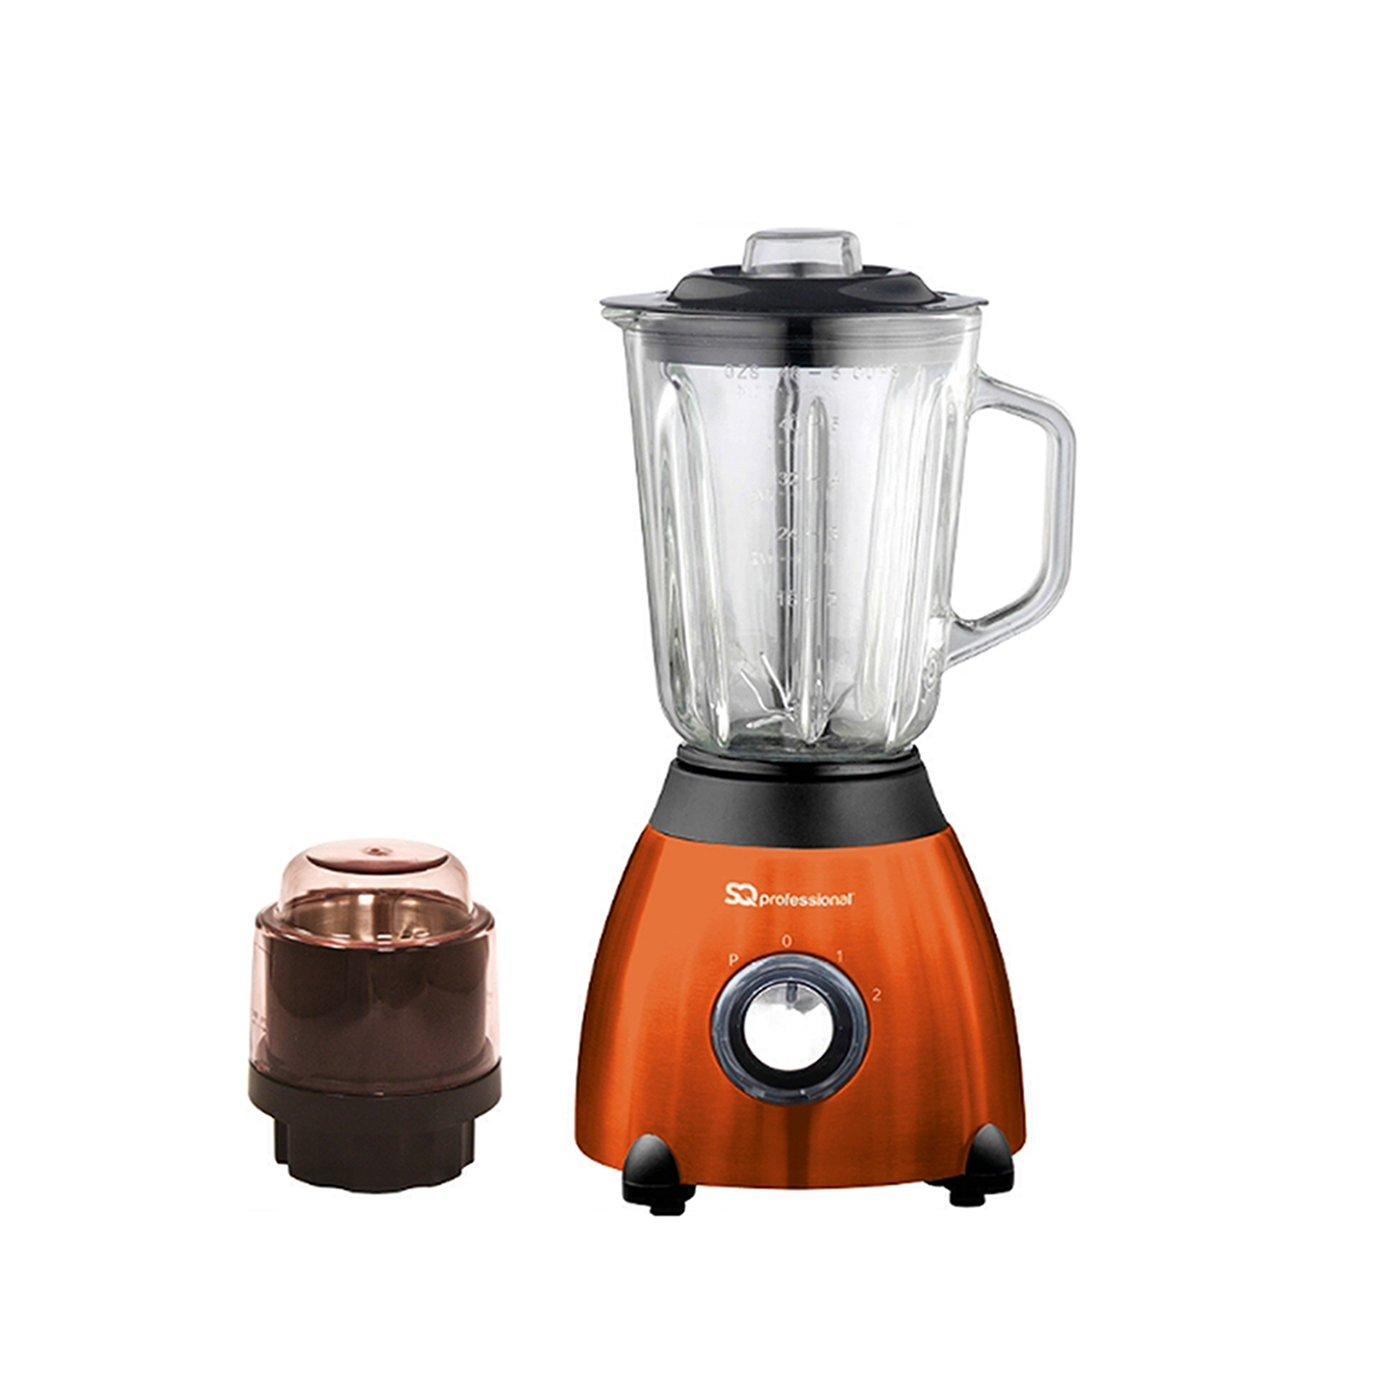 SQPro 500W Blender con 1,5 litri di vetro Misurini e Grinder per ingredienti secchi viola, rosso, nero o argento (ambra arancione) SQ Professional